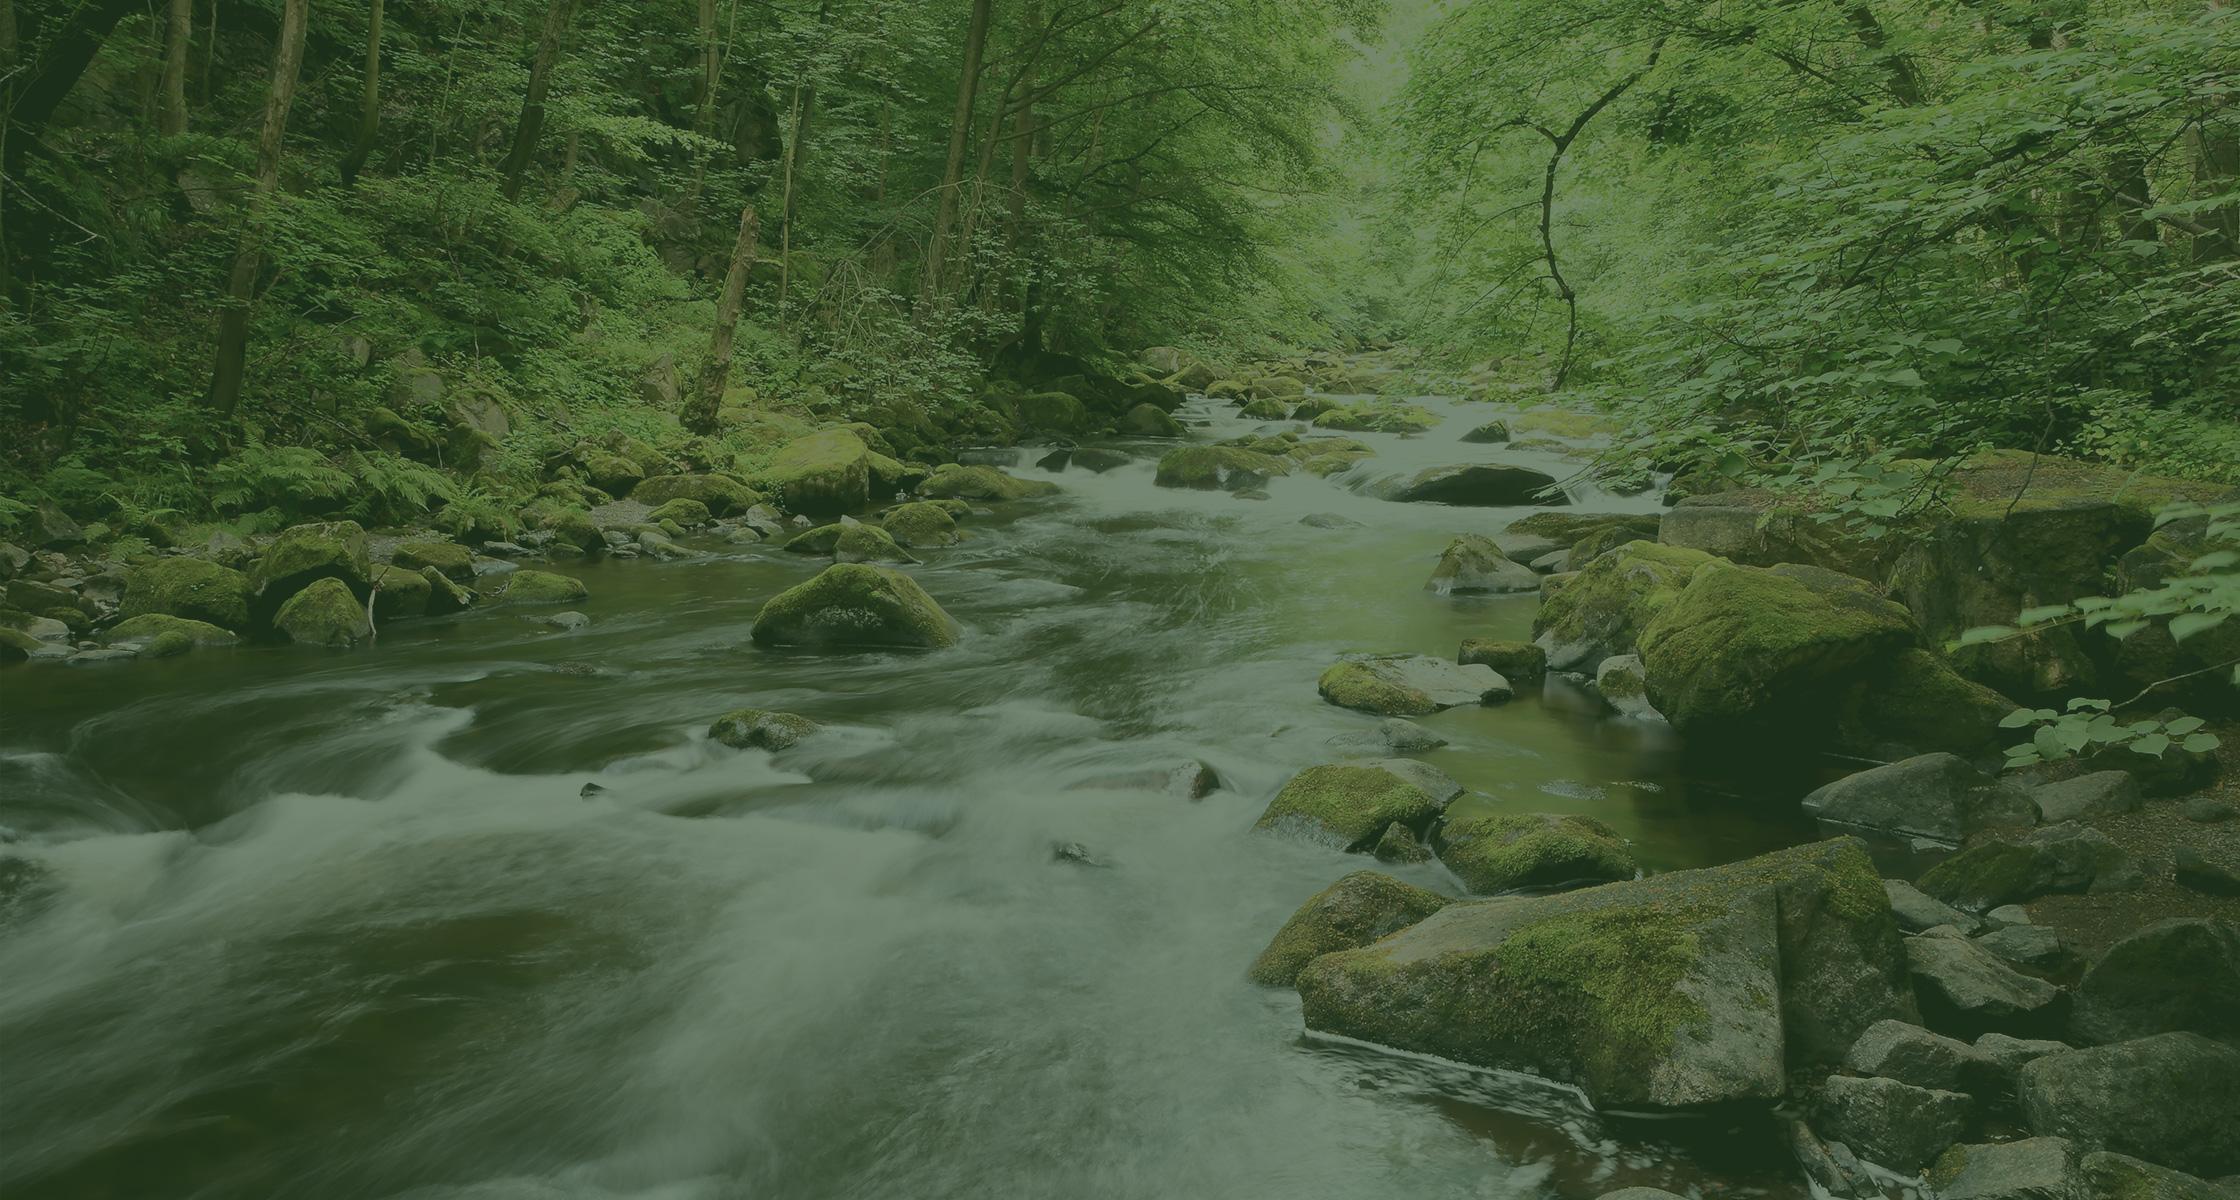 Rein dekoratives Element. Zu sehen ist ein Bach im Wald, welche über viele mit Moos bewachsenen Steine hinwegfließt. Das Bild hat insgesamt ein grünes Overlay aus gestalterischen Zwecken.